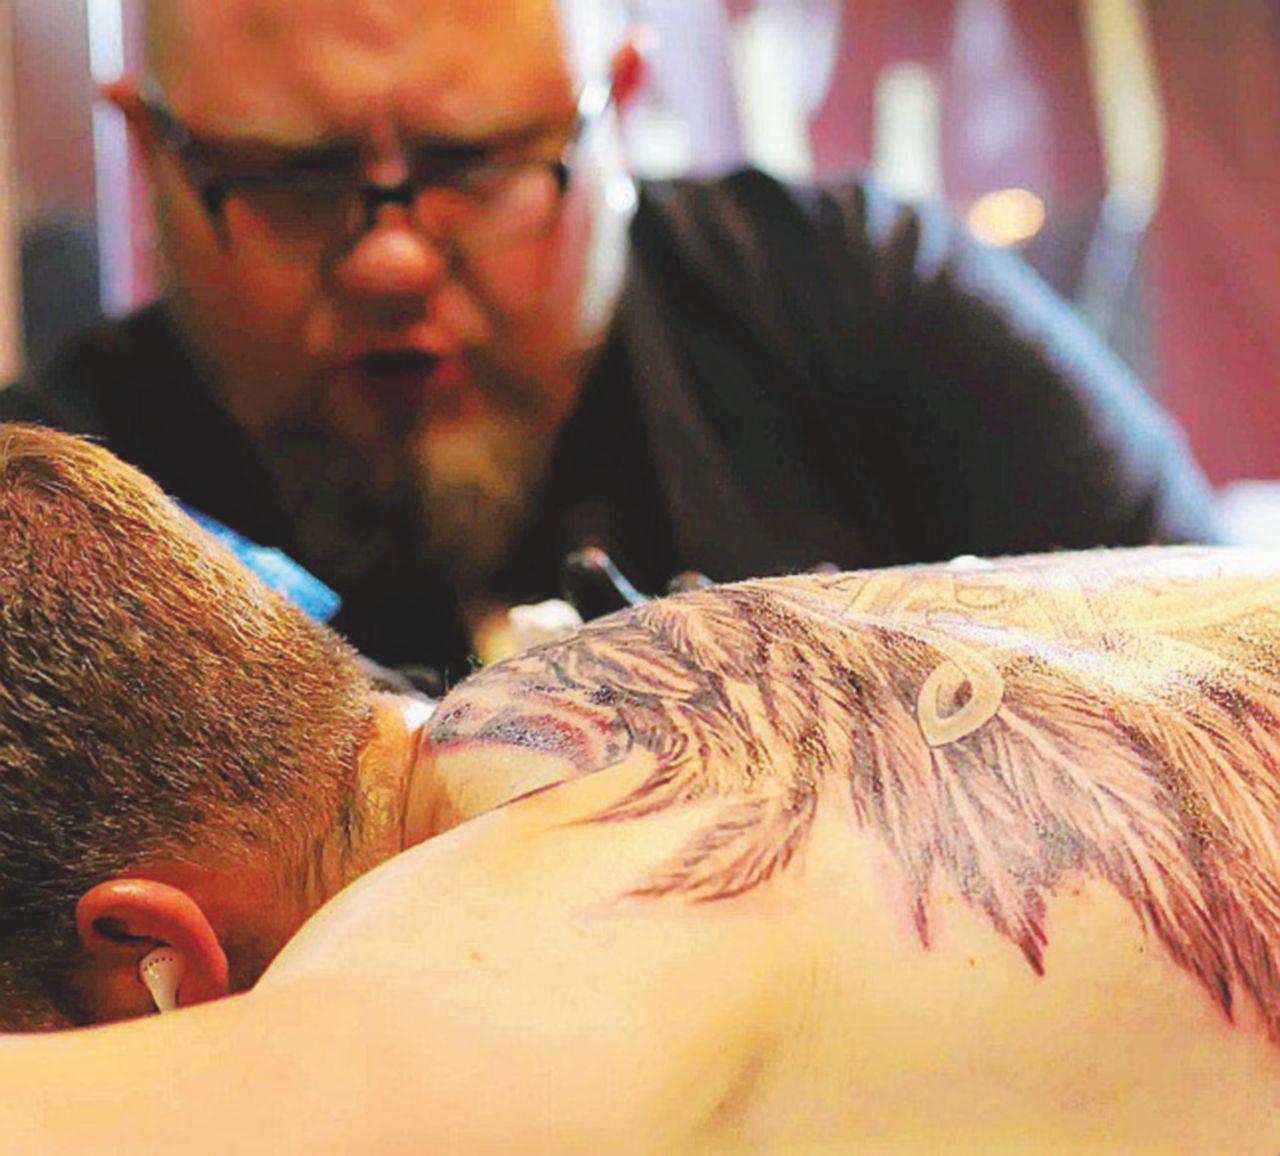 Tatuaggi senza legge: l'Ue condanna gli inchiostri